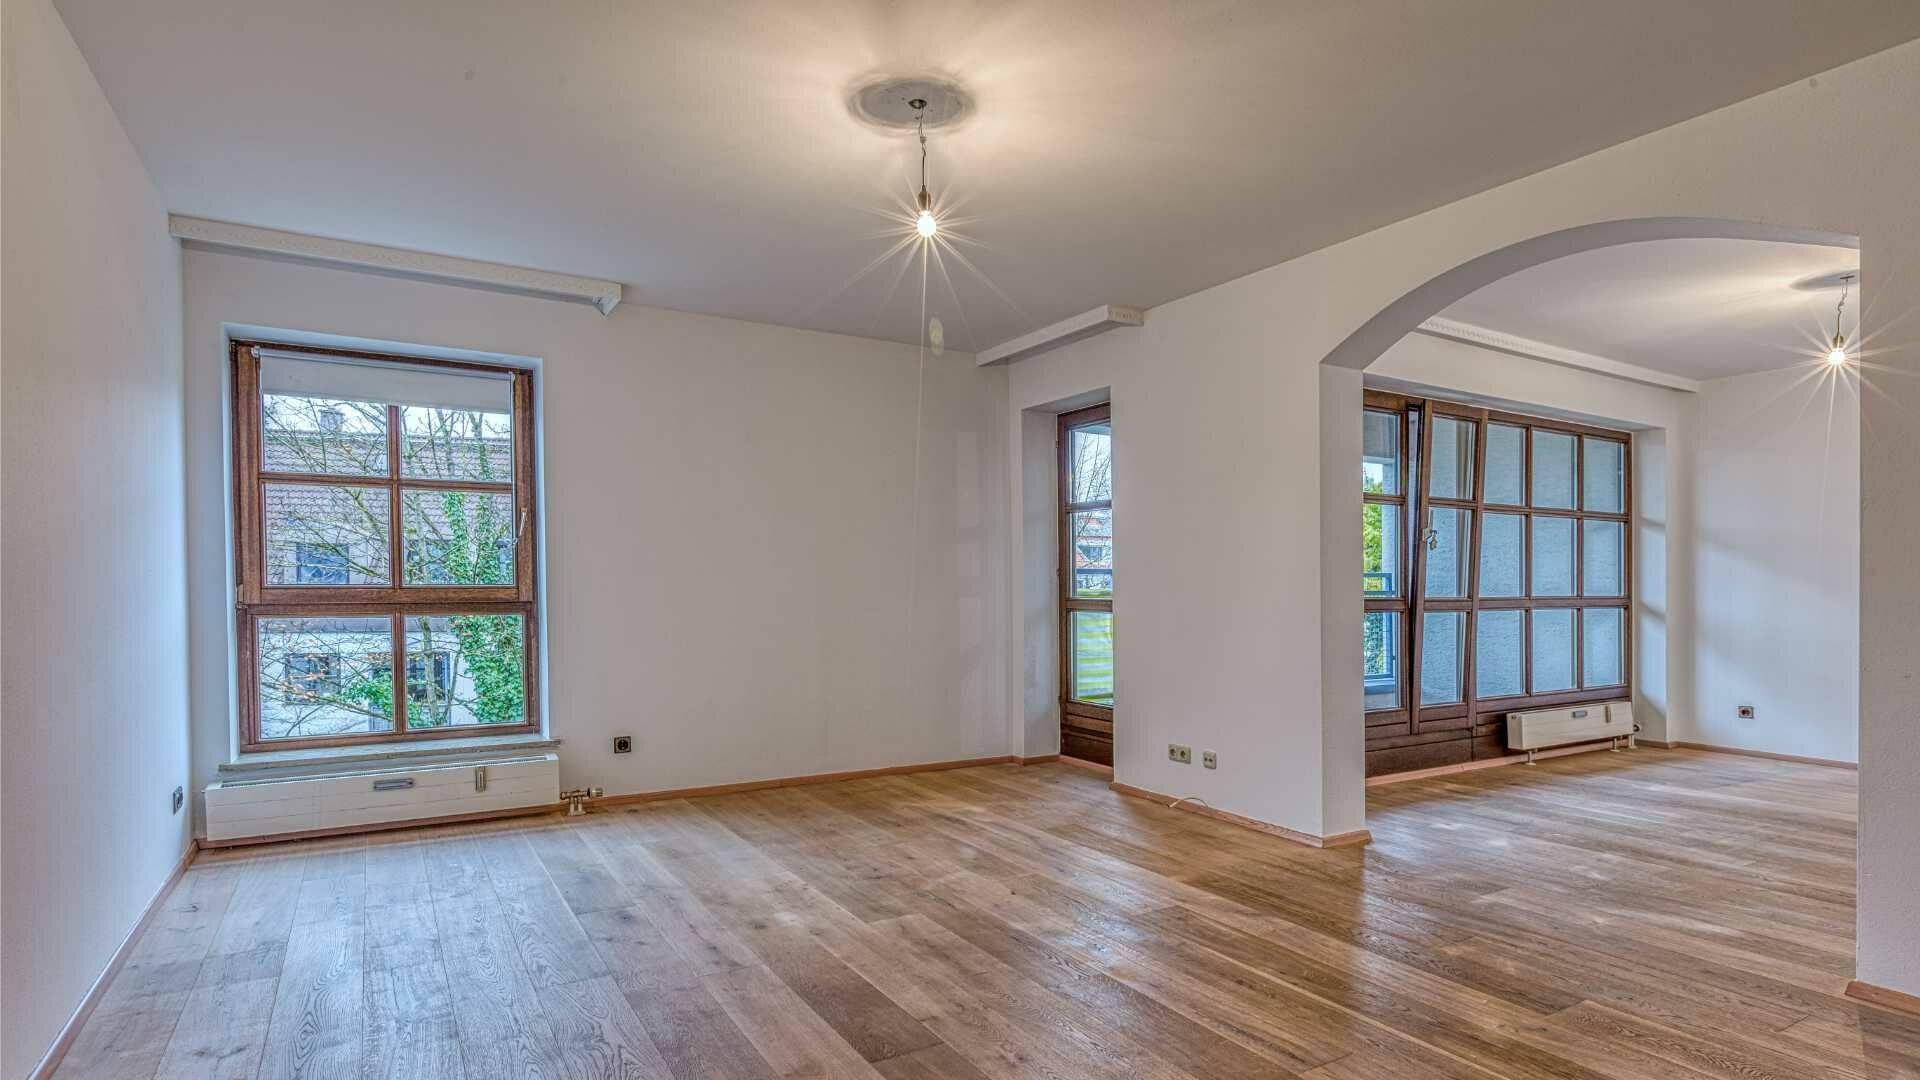 Moosach Wohnung Wohnzimmer